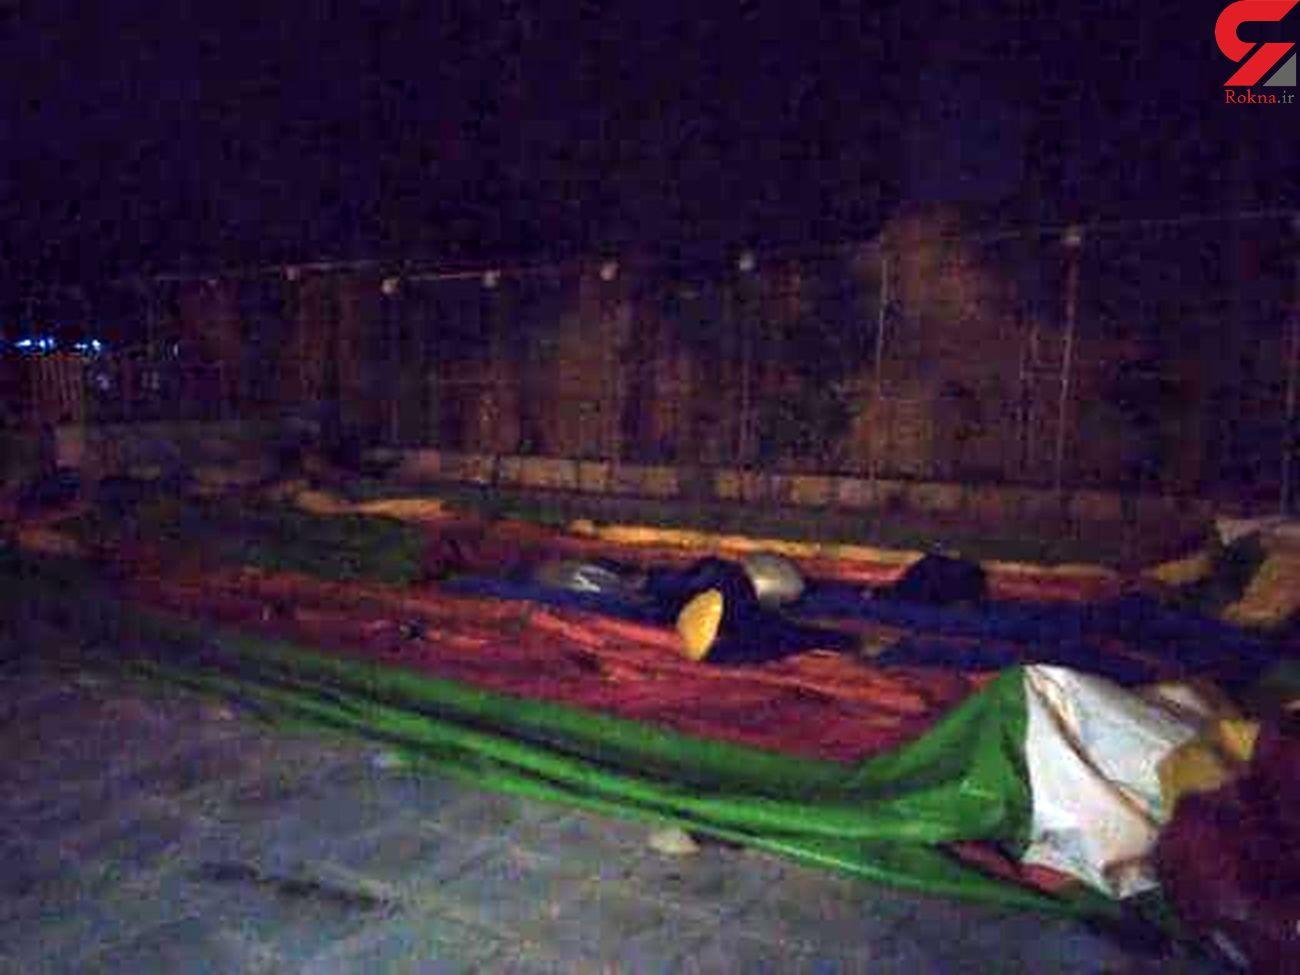 حادثه برای 10 کودک به خاطر قطعی برق در شهربازی سمنان + عکس